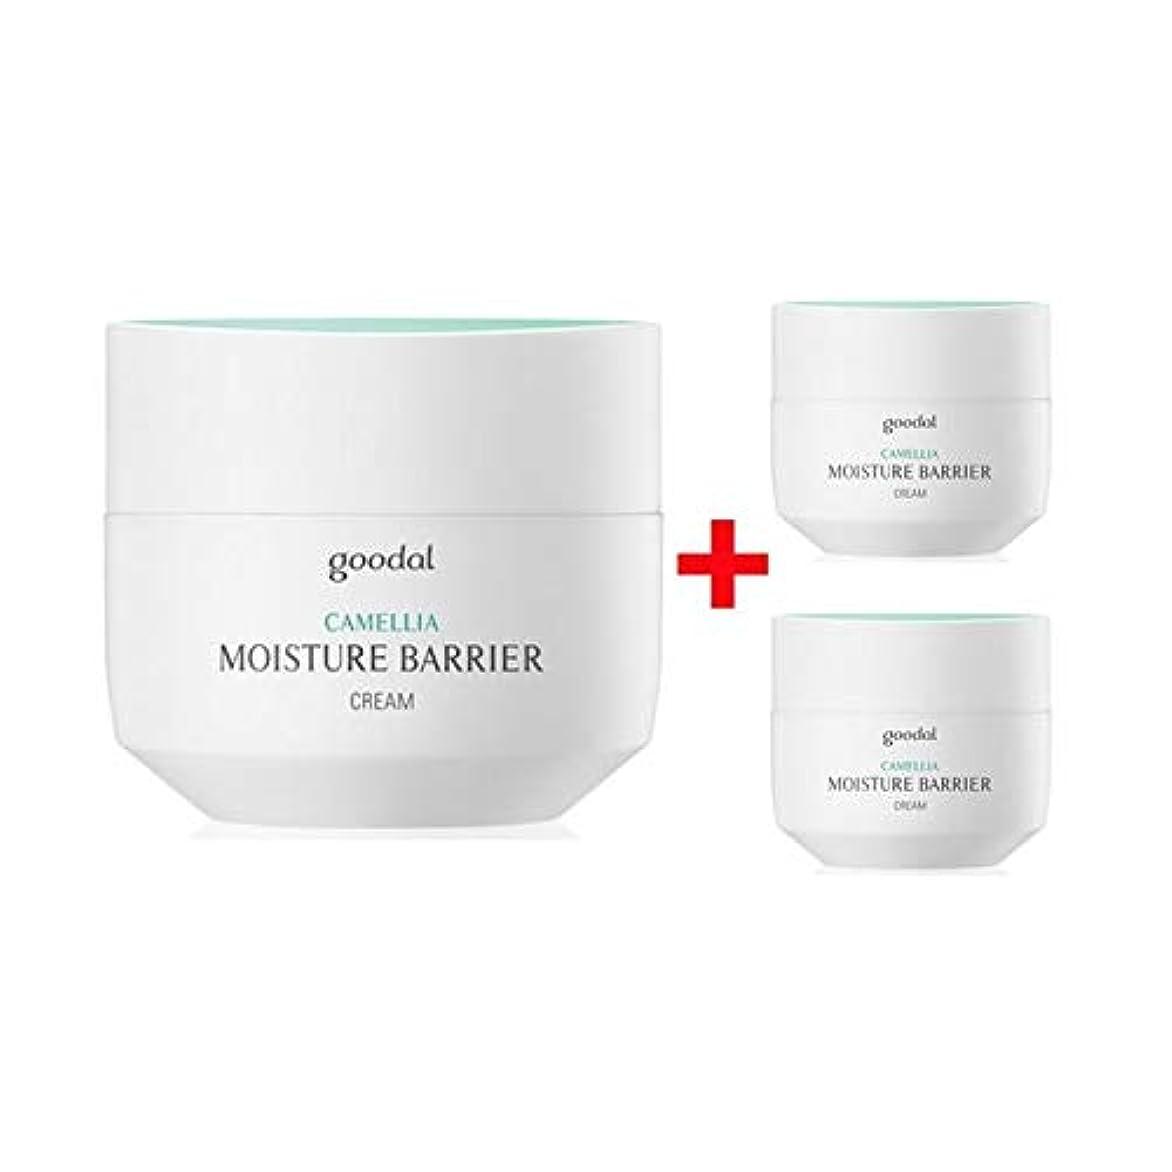 シャッターサスペンド説明的[ 50ml+10ml+10ml] グーダル カメリア モイスチャー バリア クリーム スペシャル セット Goodal Camellia Moisture Barrier Cream Special Set [並行輸入品]